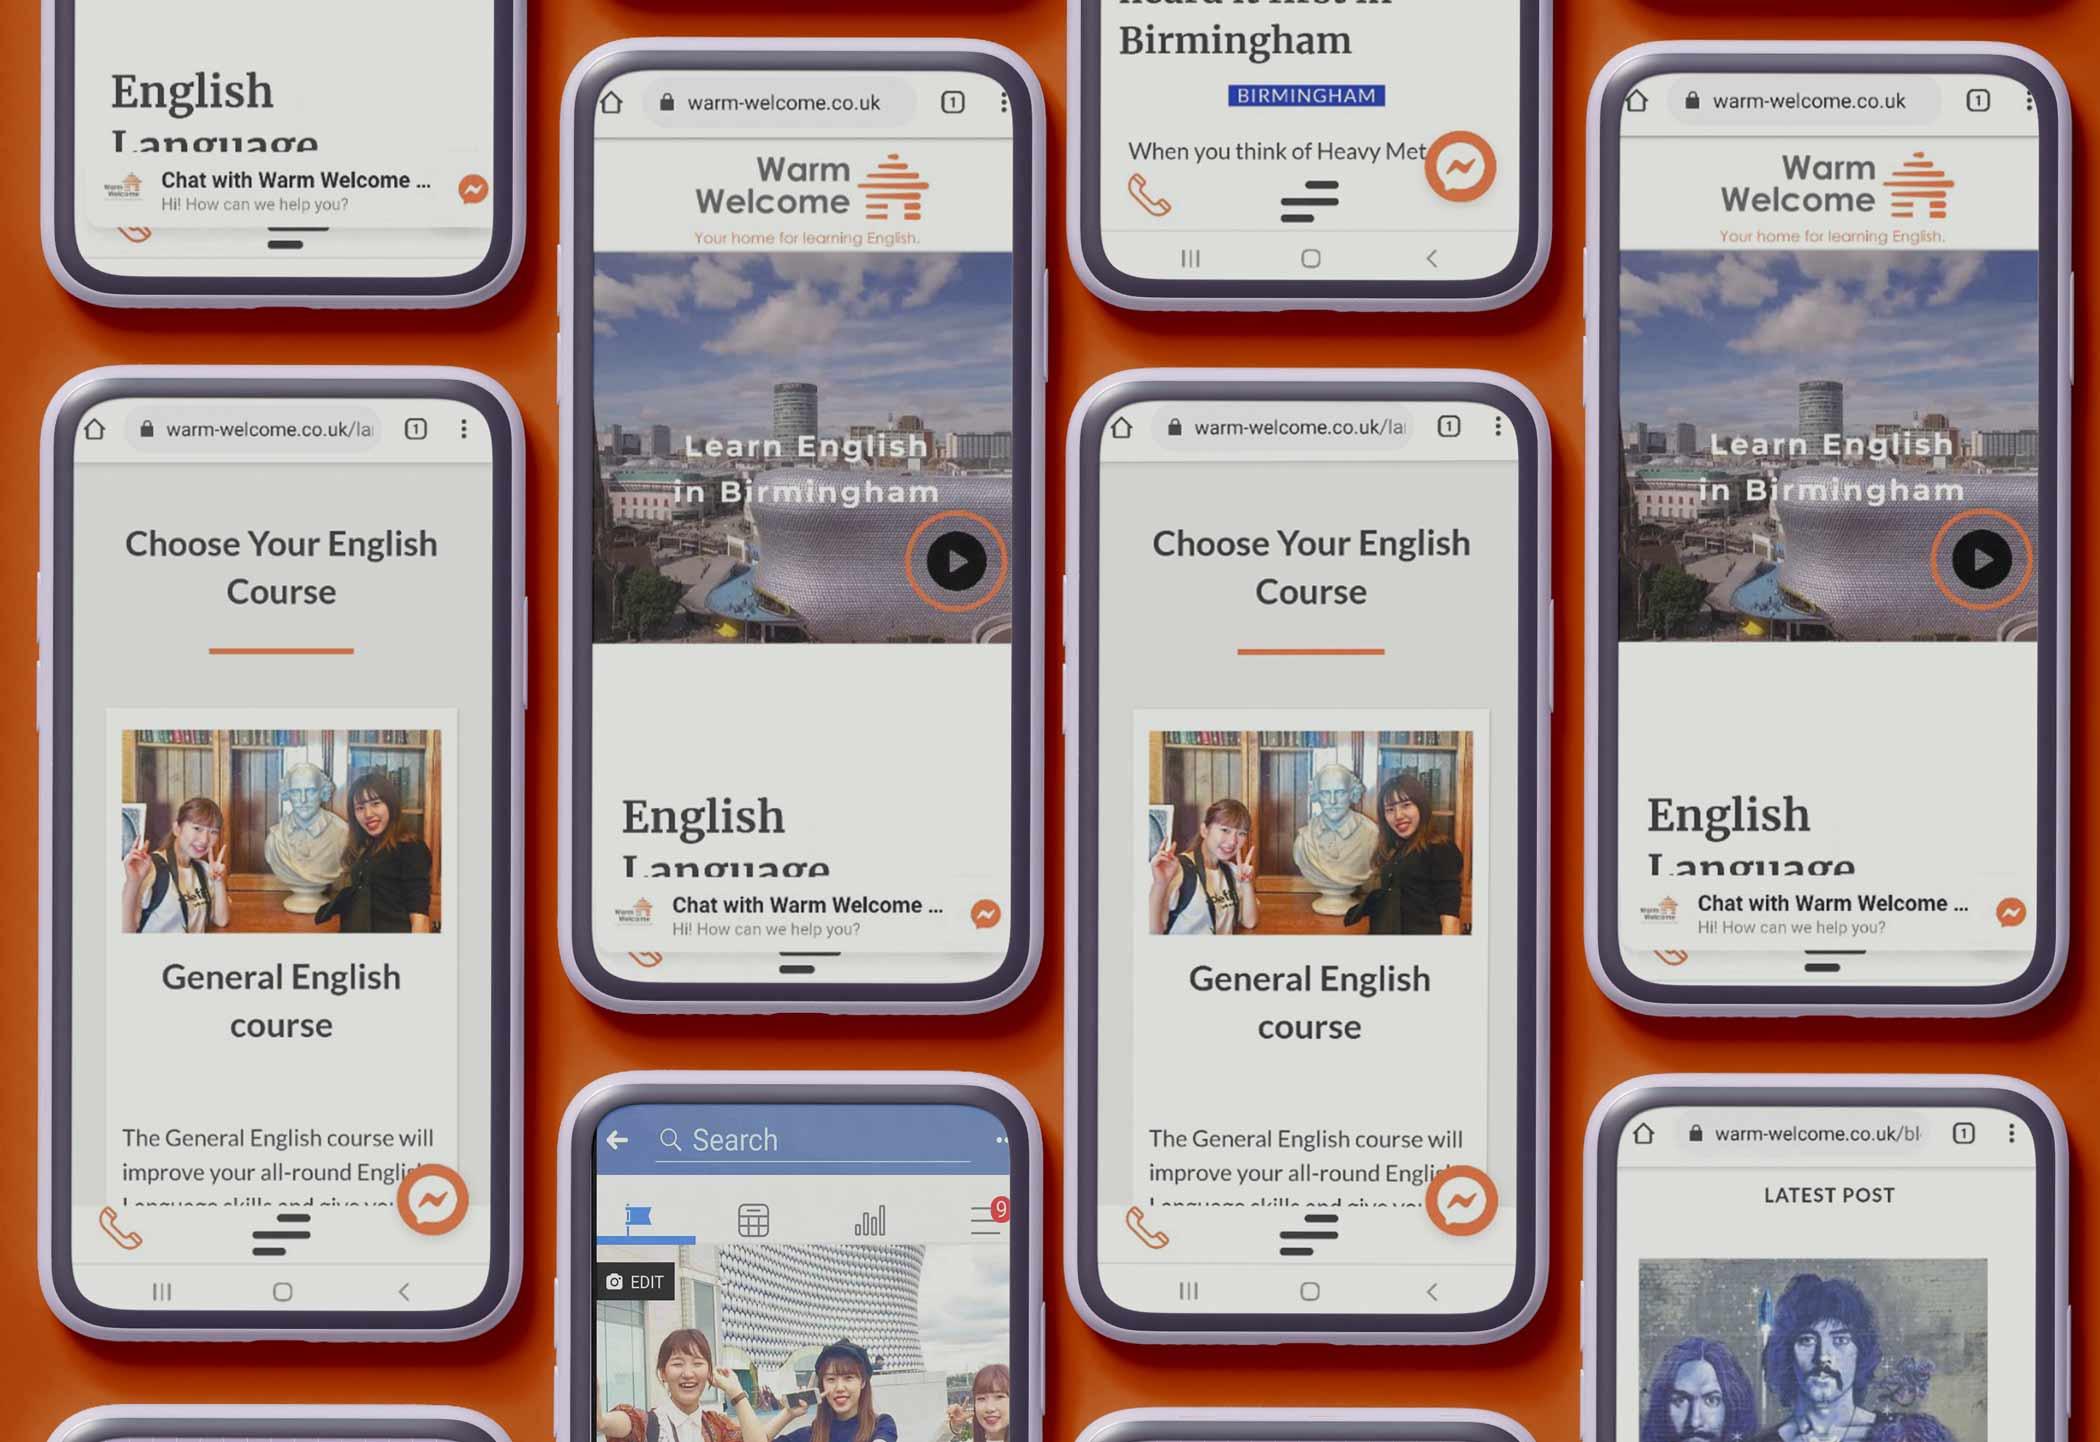 warm welcome mobile website design mockups